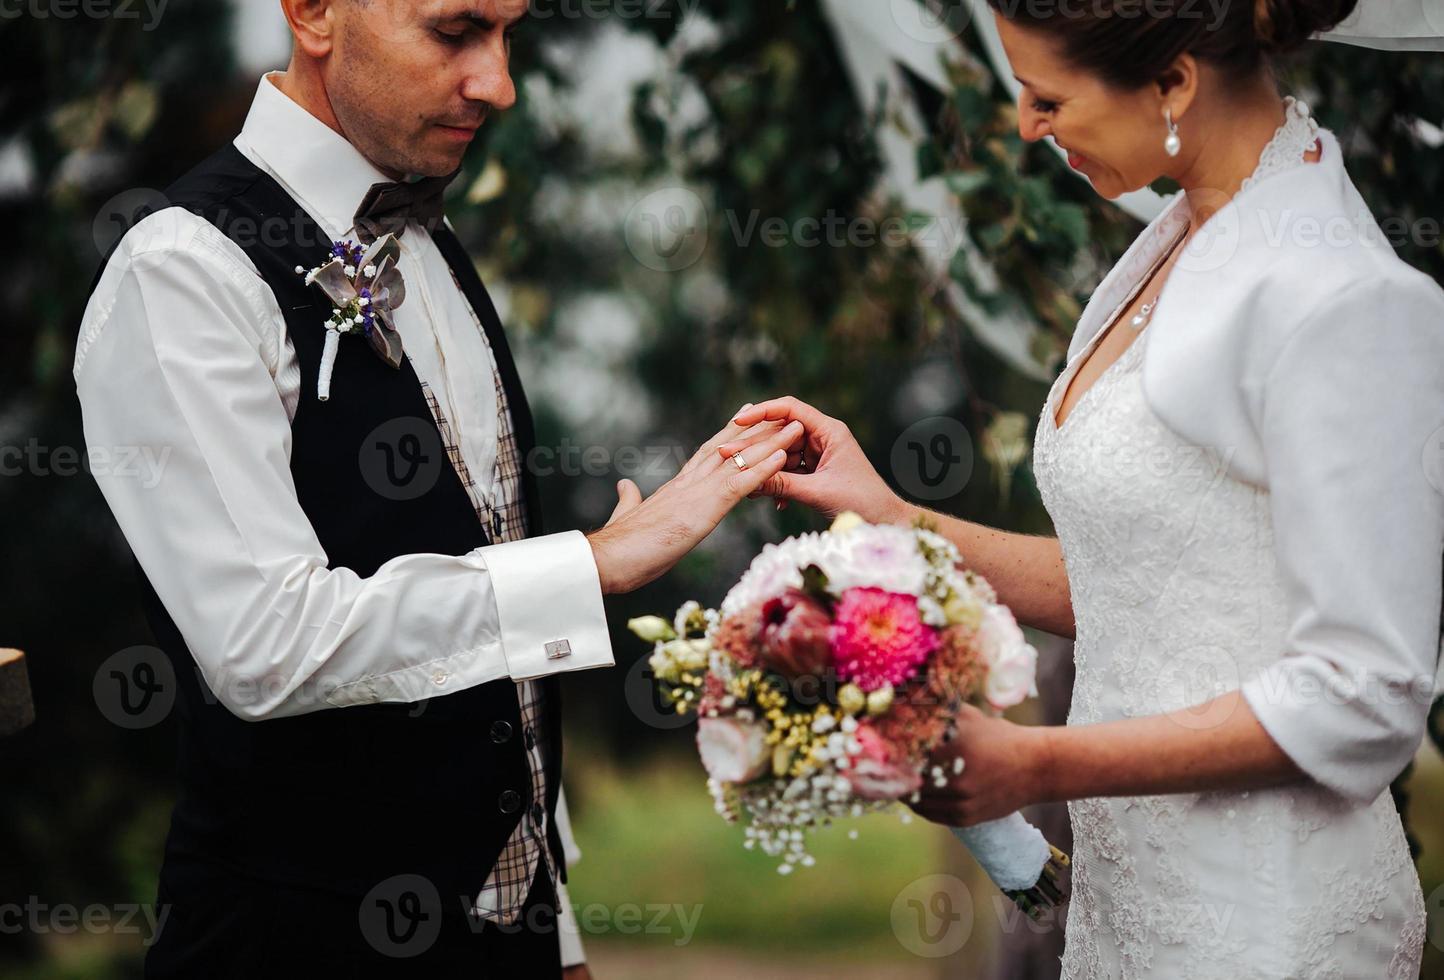 bröllopsceremoni foto